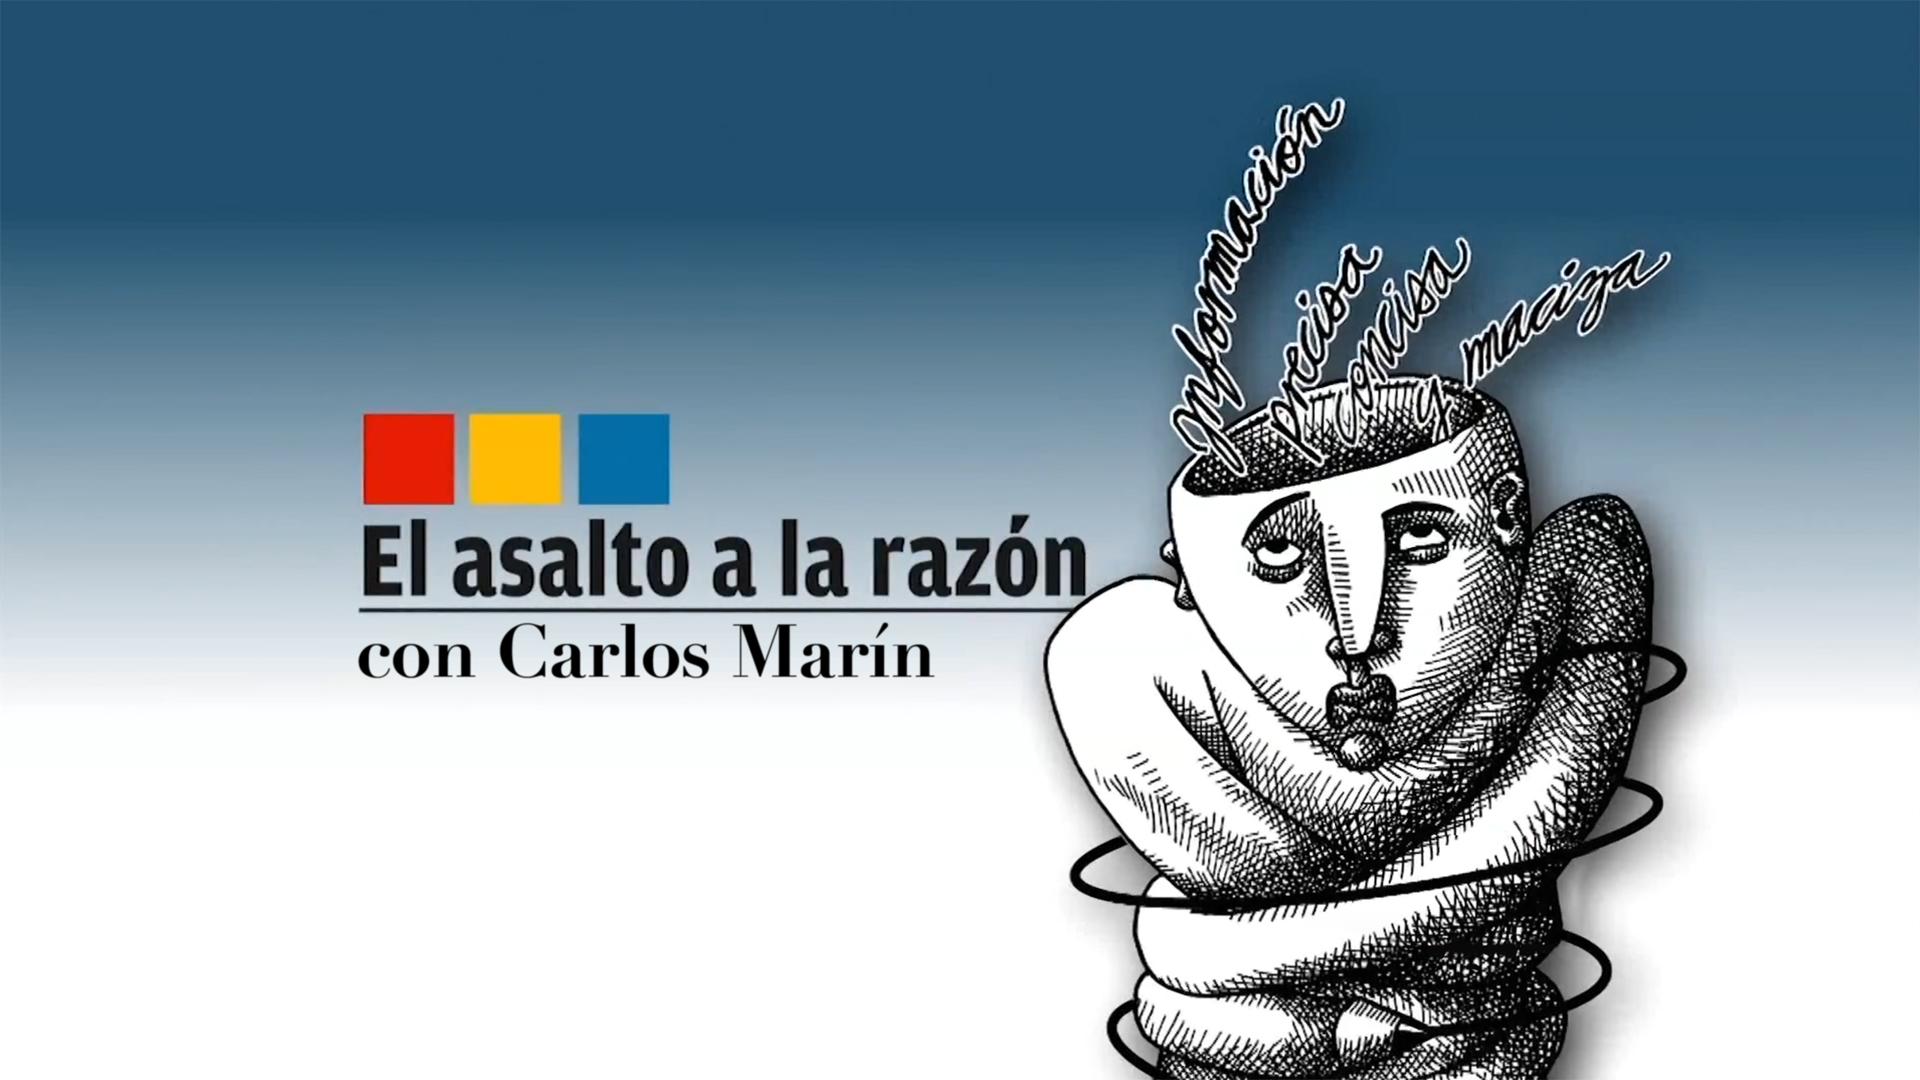 El Asalto a la Razón, con Carlos Marín